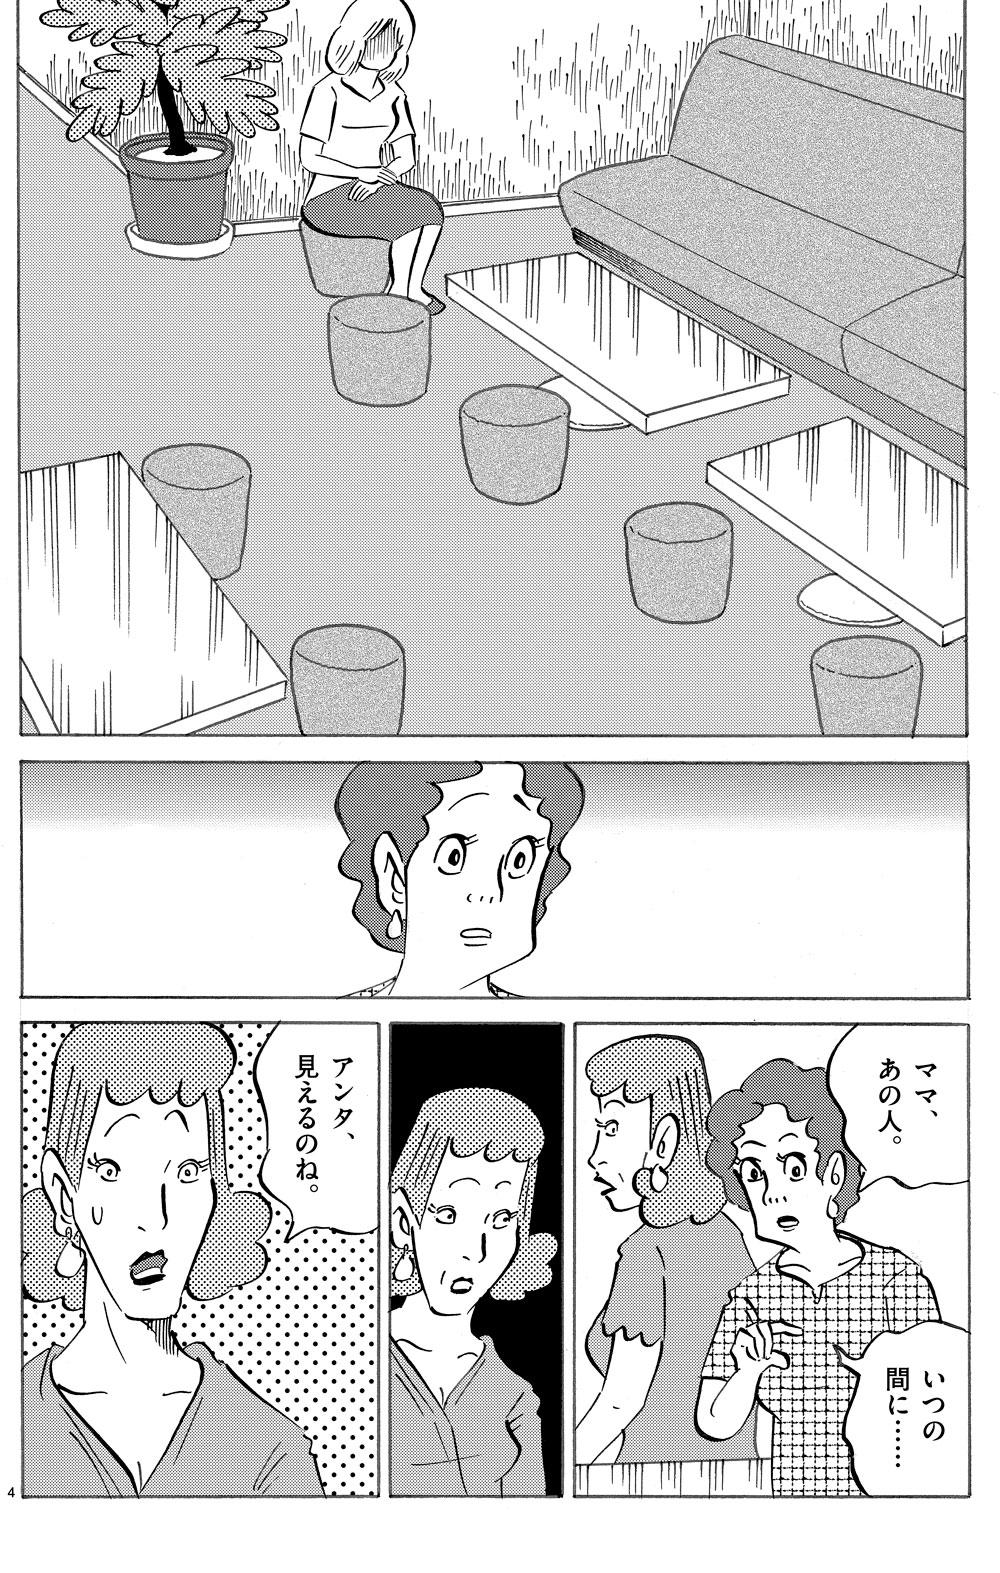 琉球怪談 【第4話】WEB掲載4ページ目画像